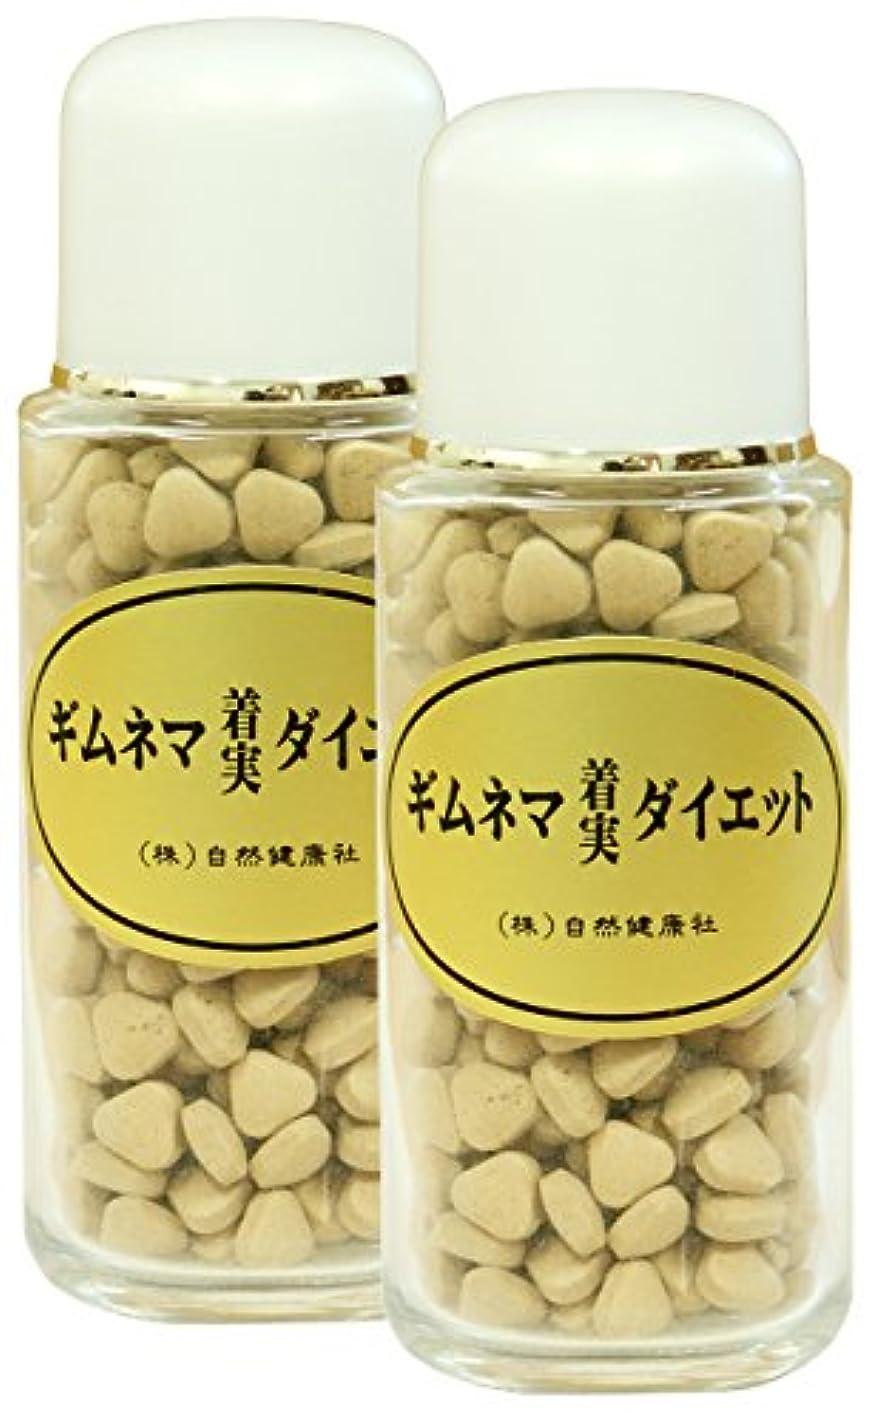 もっともらしい退屈させる分散自然健康社 ギムネマダイエット 80g(320粒)×2個 ビン入り